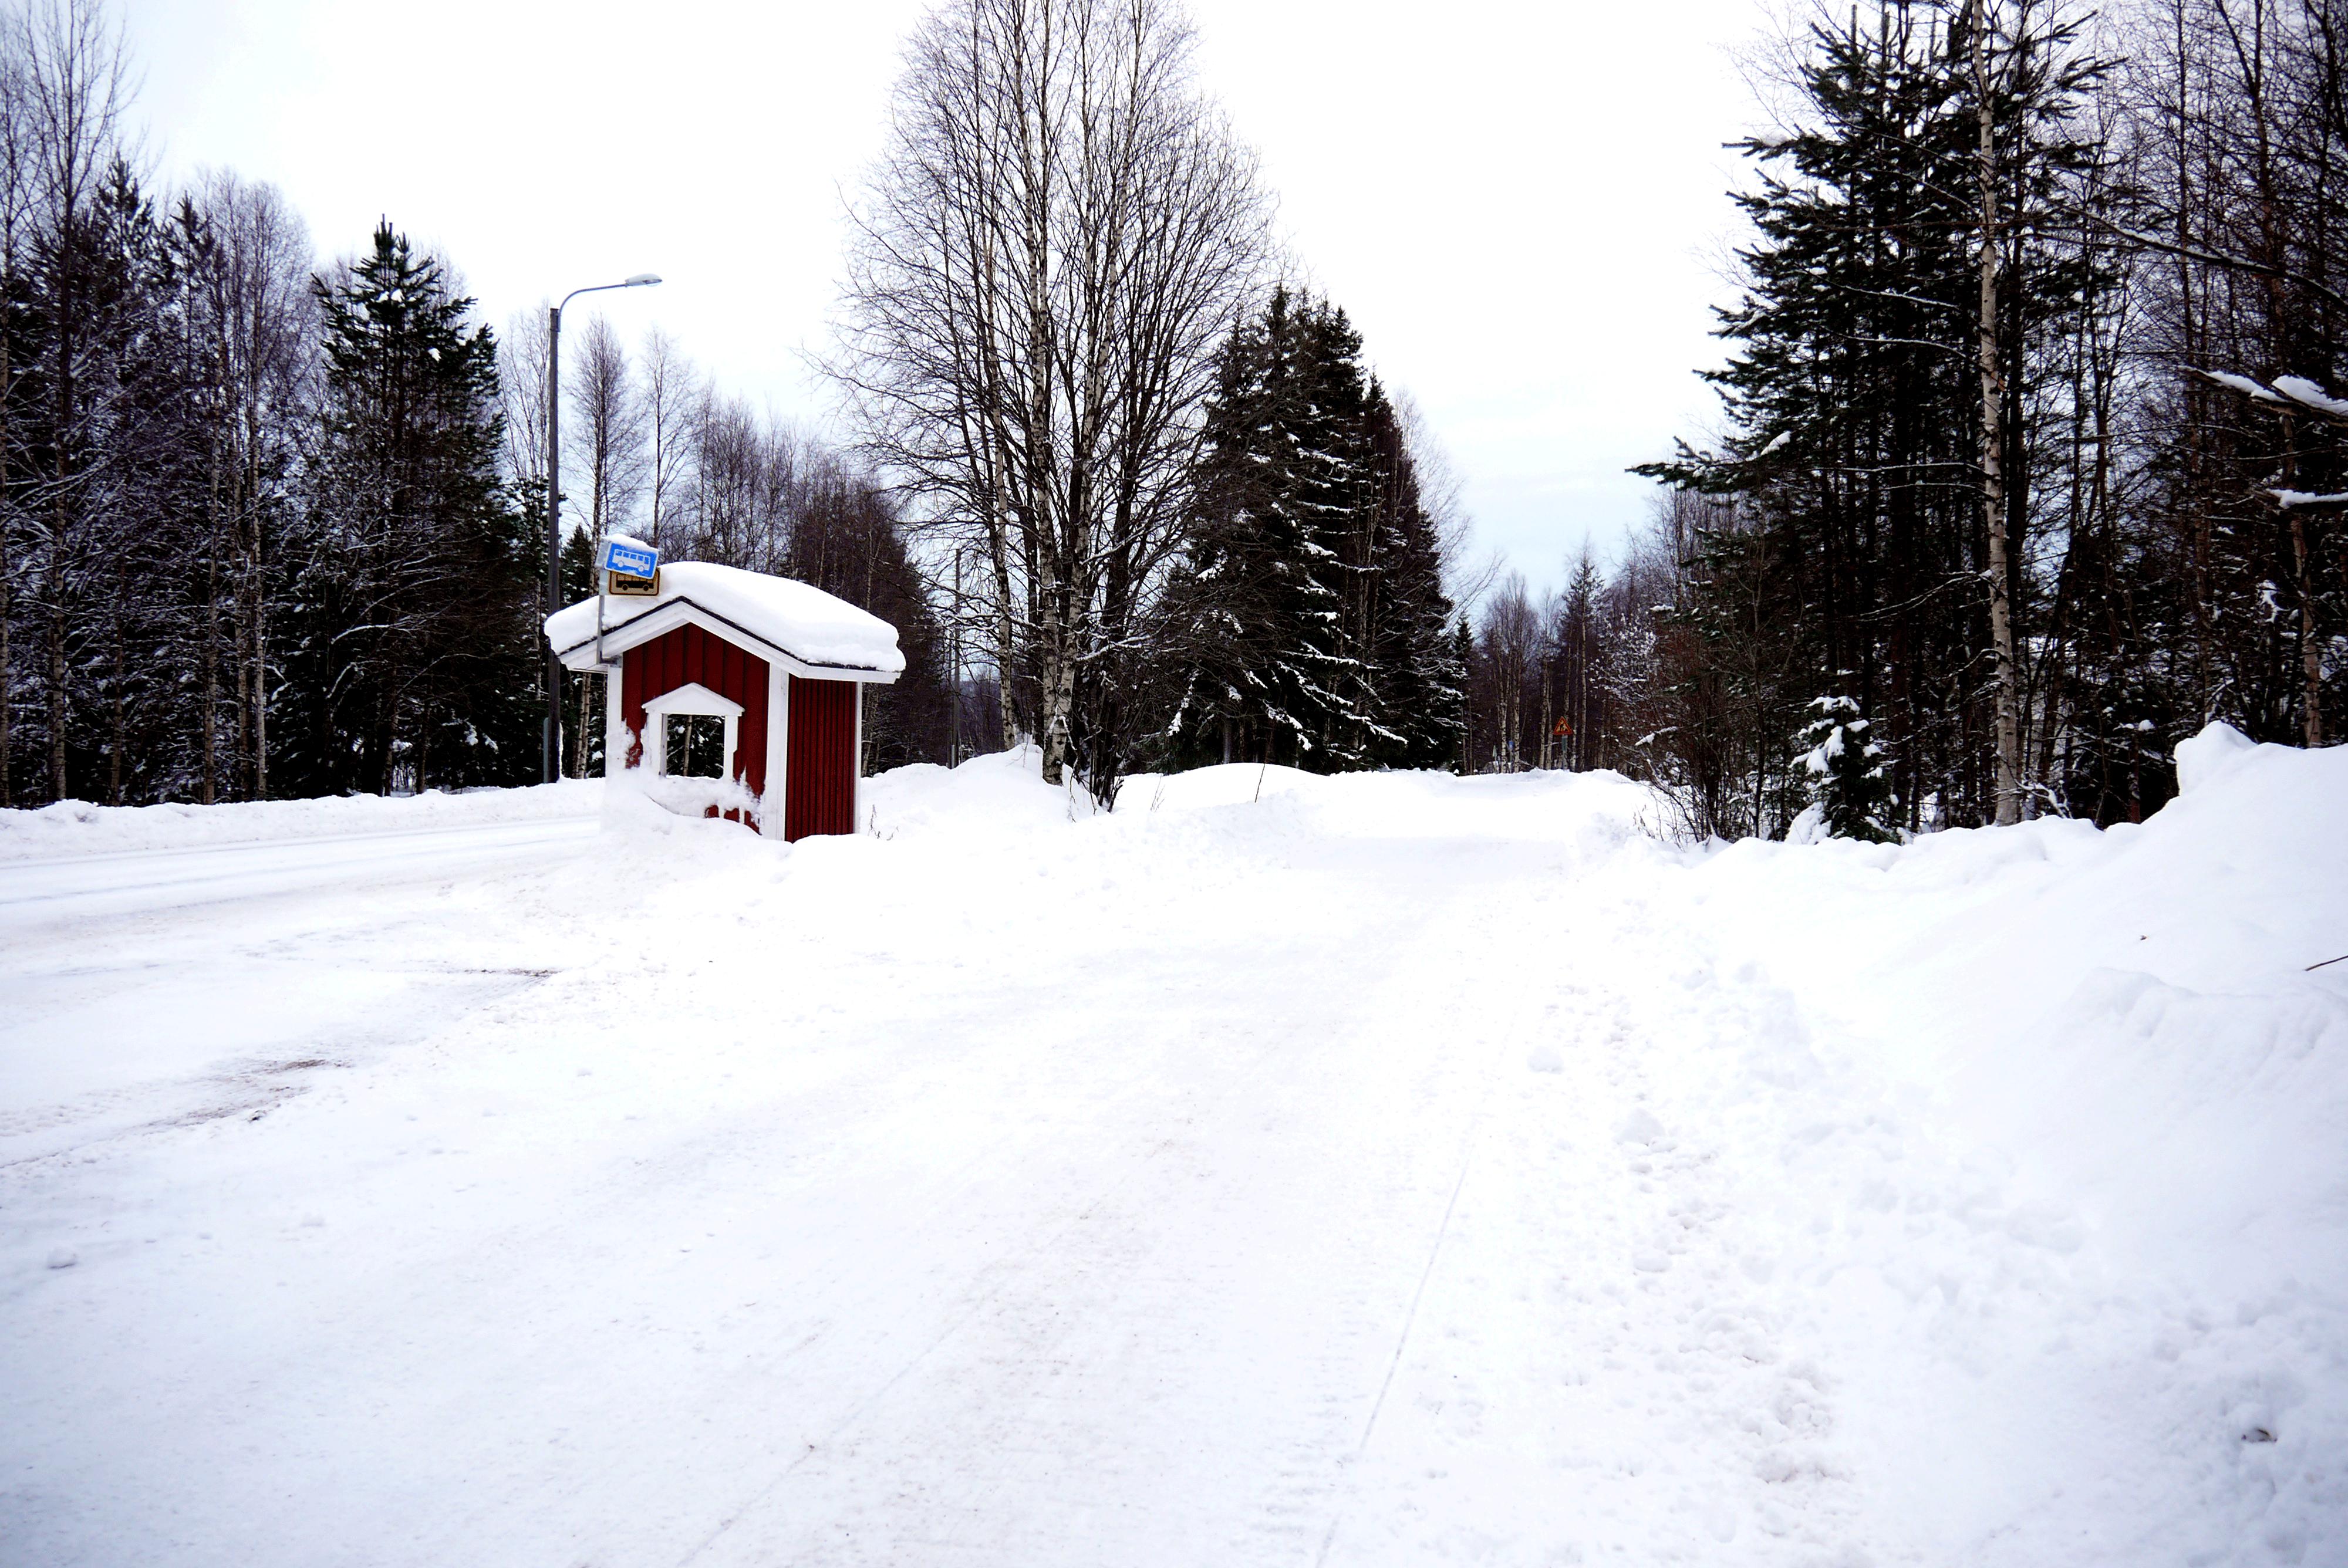 Straße in Lappland